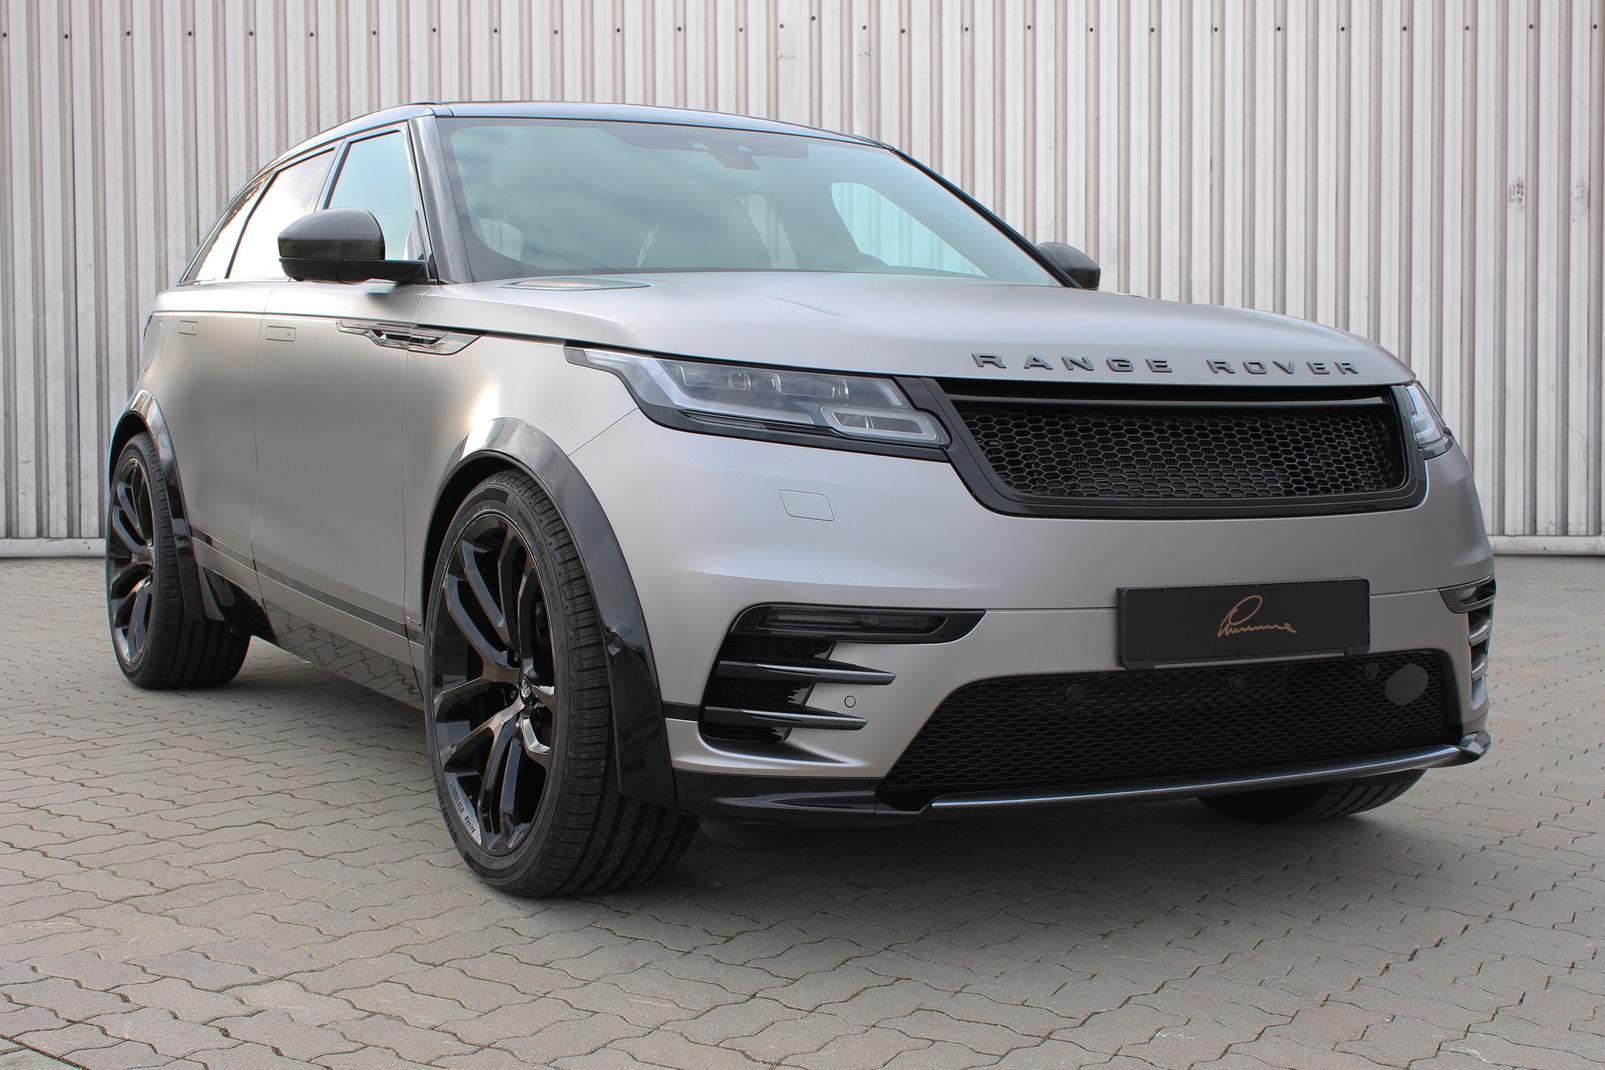 Range-Rover_Velar_Lumma_Design_0001